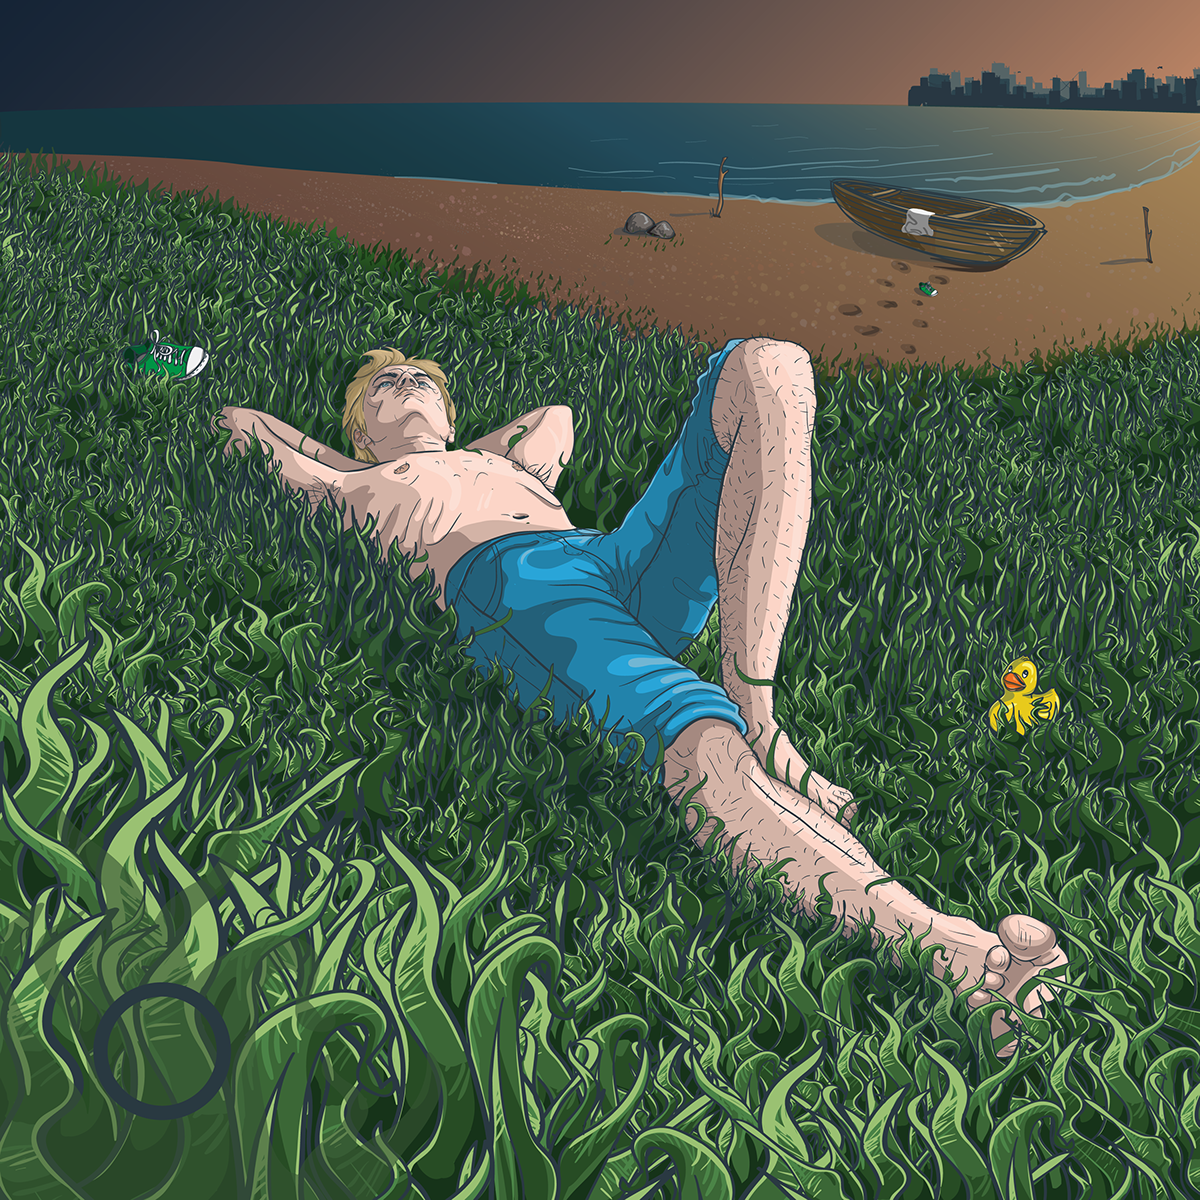 ILLUSTRATION  digitalart vector Illustrator design graphic art Digital Art  graphic design  music Album